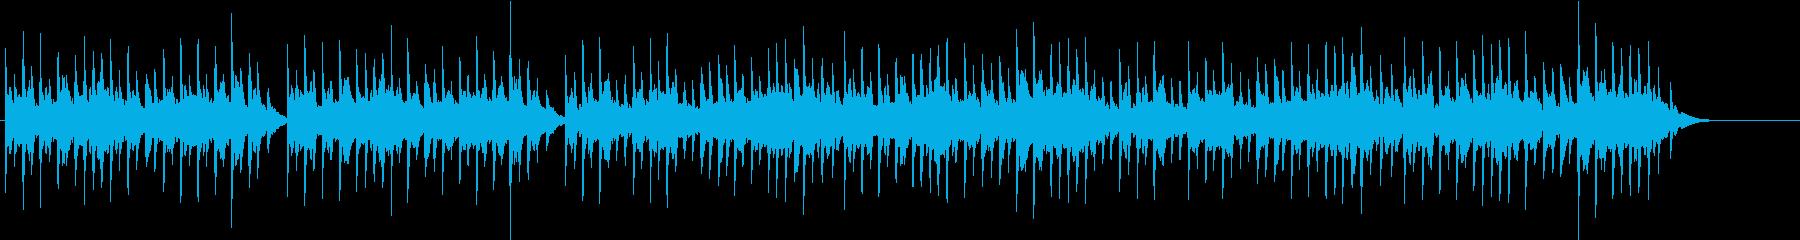 優しくかわいいオルゴールの再生済みの波形